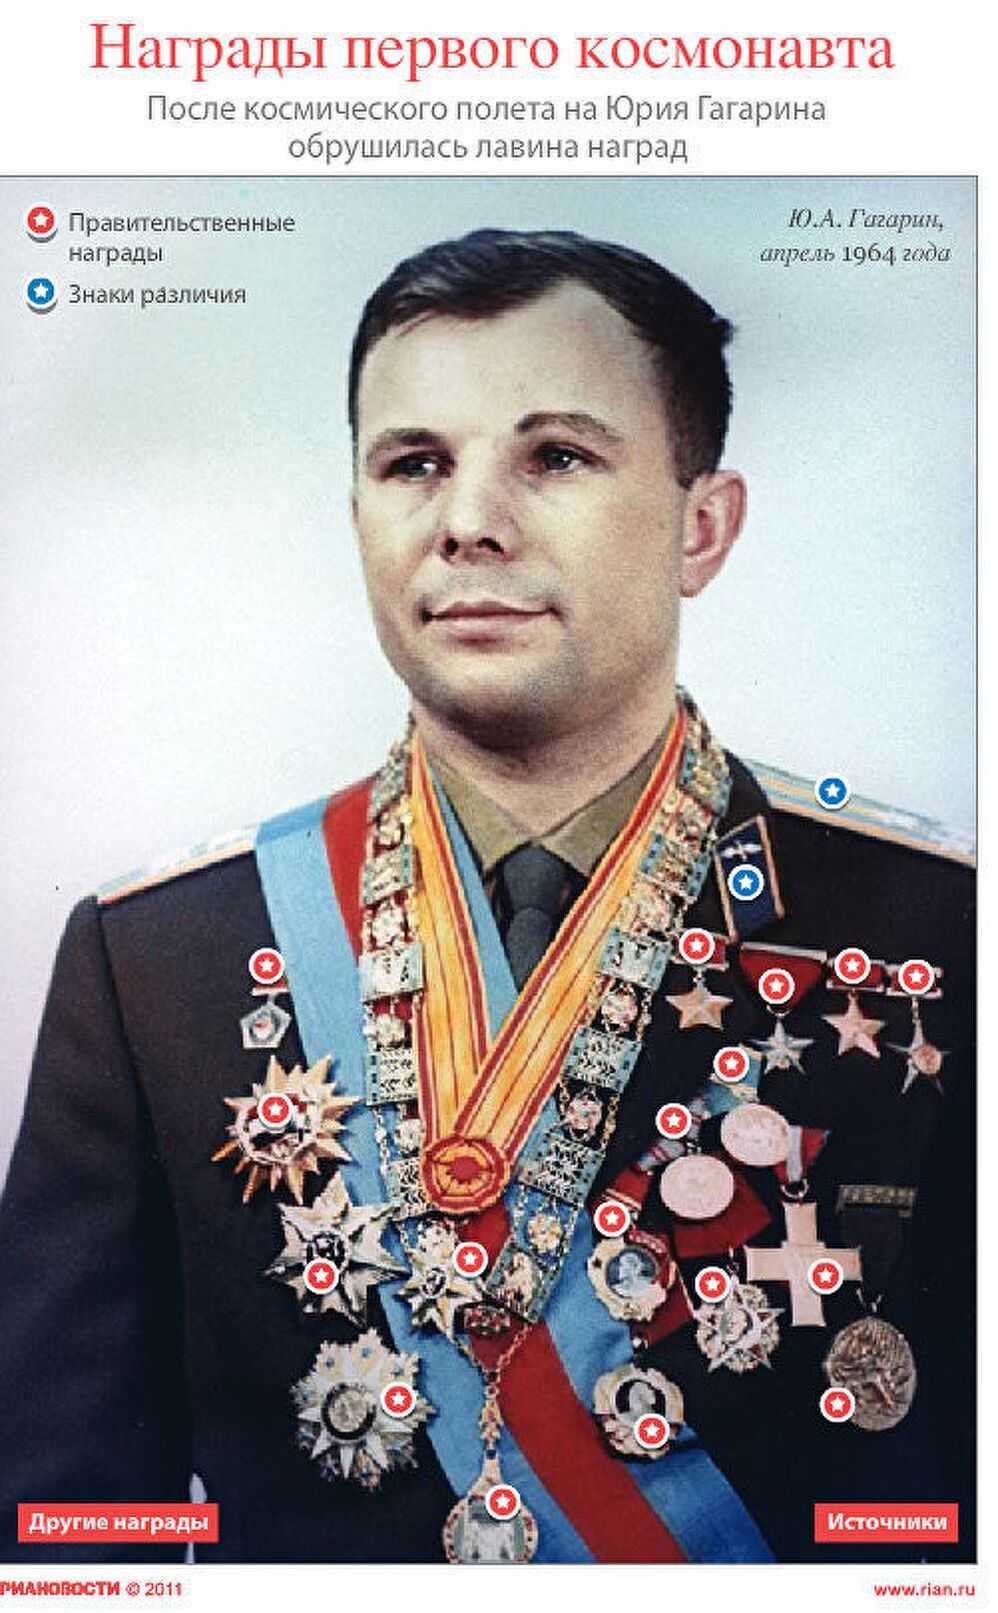 Награды первого космонавта Юрия Гагарина